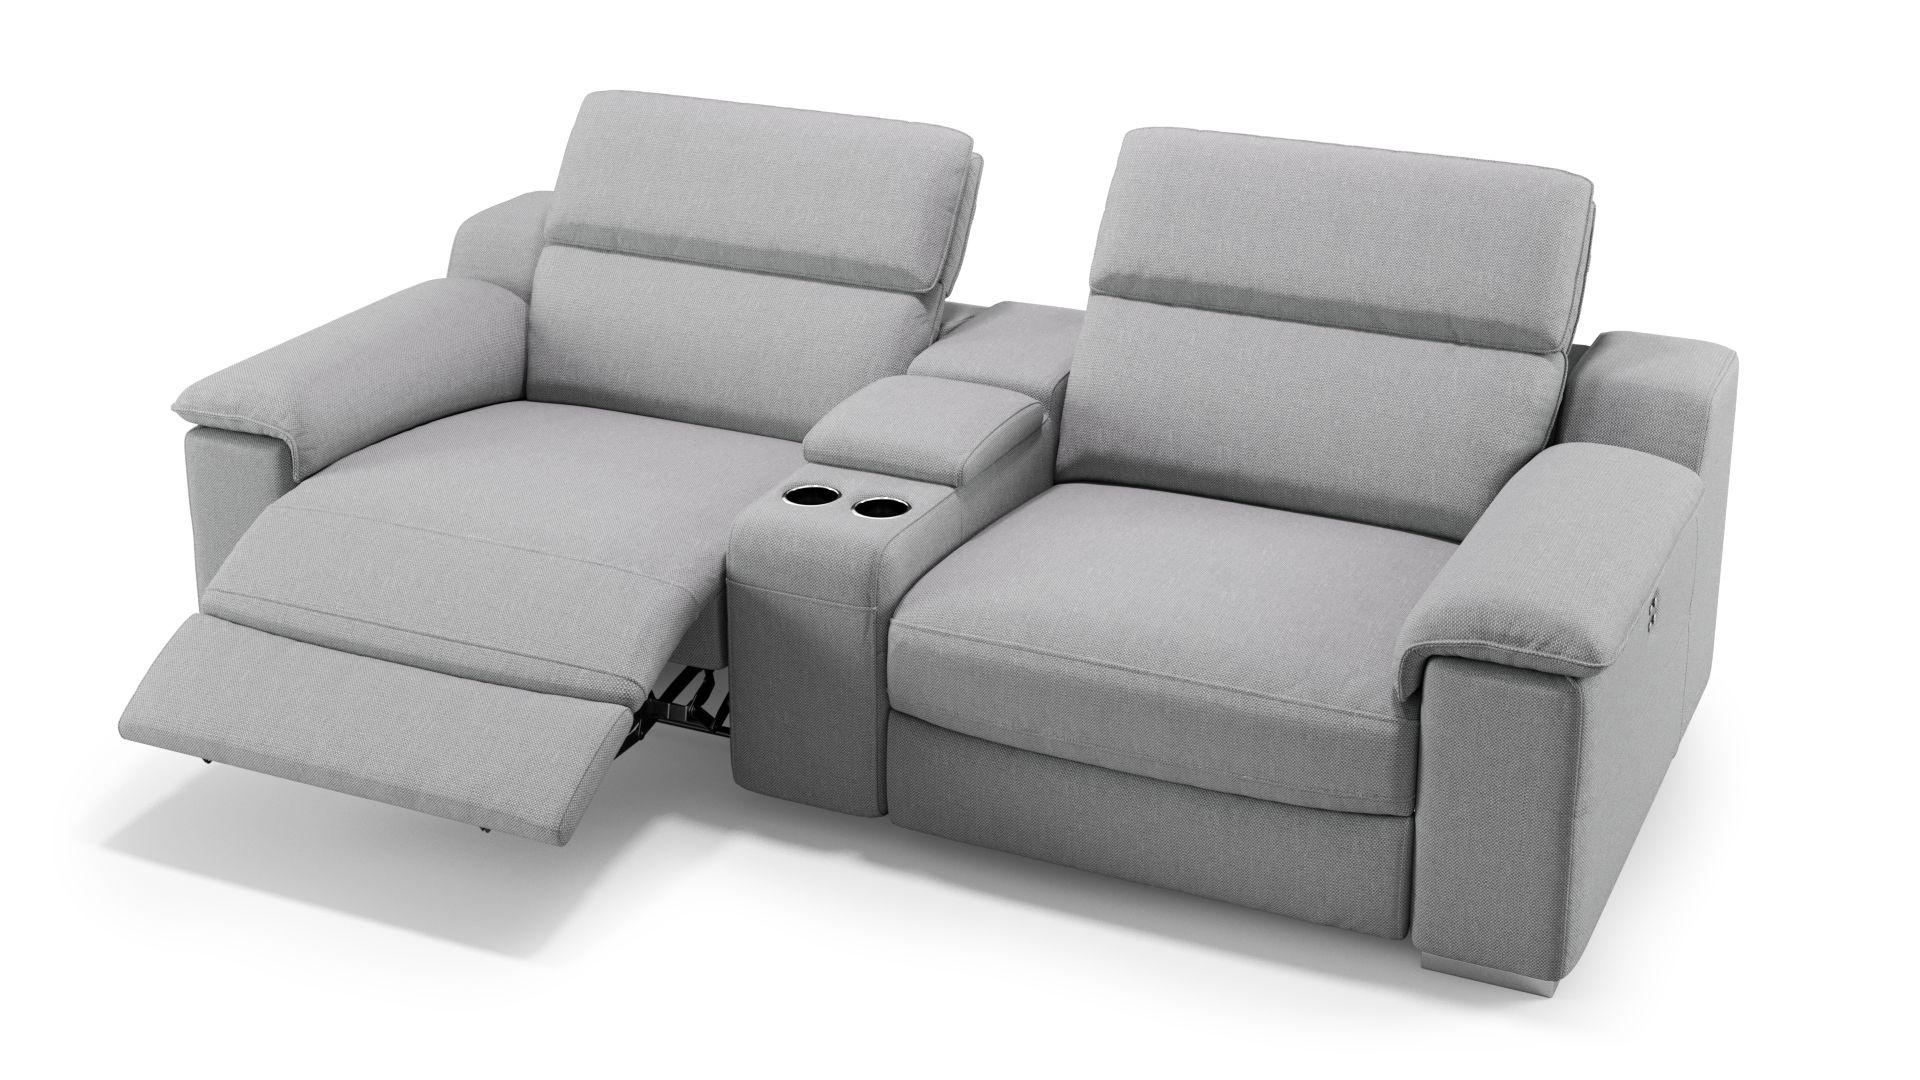 Full Size of 2 Sitzer Sofa Mit Relaxfunktion 5 Elektrisch Stoff Leder Elektrischer 2 Sitzer City Integrierter Tischablage Und Stauraumfach Gebraucht Stressless 5 Sitzer   Sofa 2 Sitzer Sofa Mit Relaxfunktion